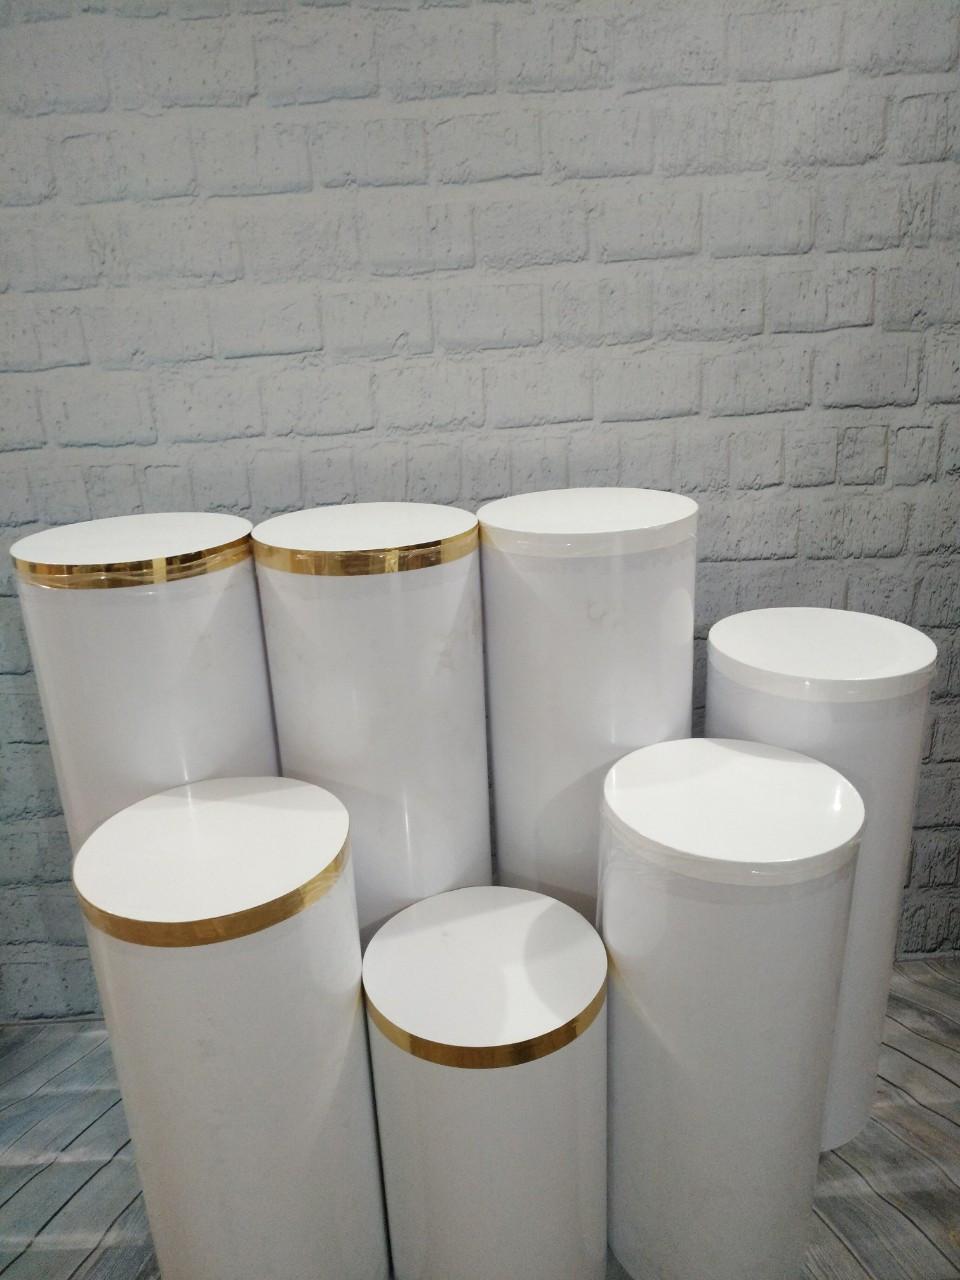 Тубус,колона для кенди бара  70-100 см.  Высота, 30 см - Диаметр